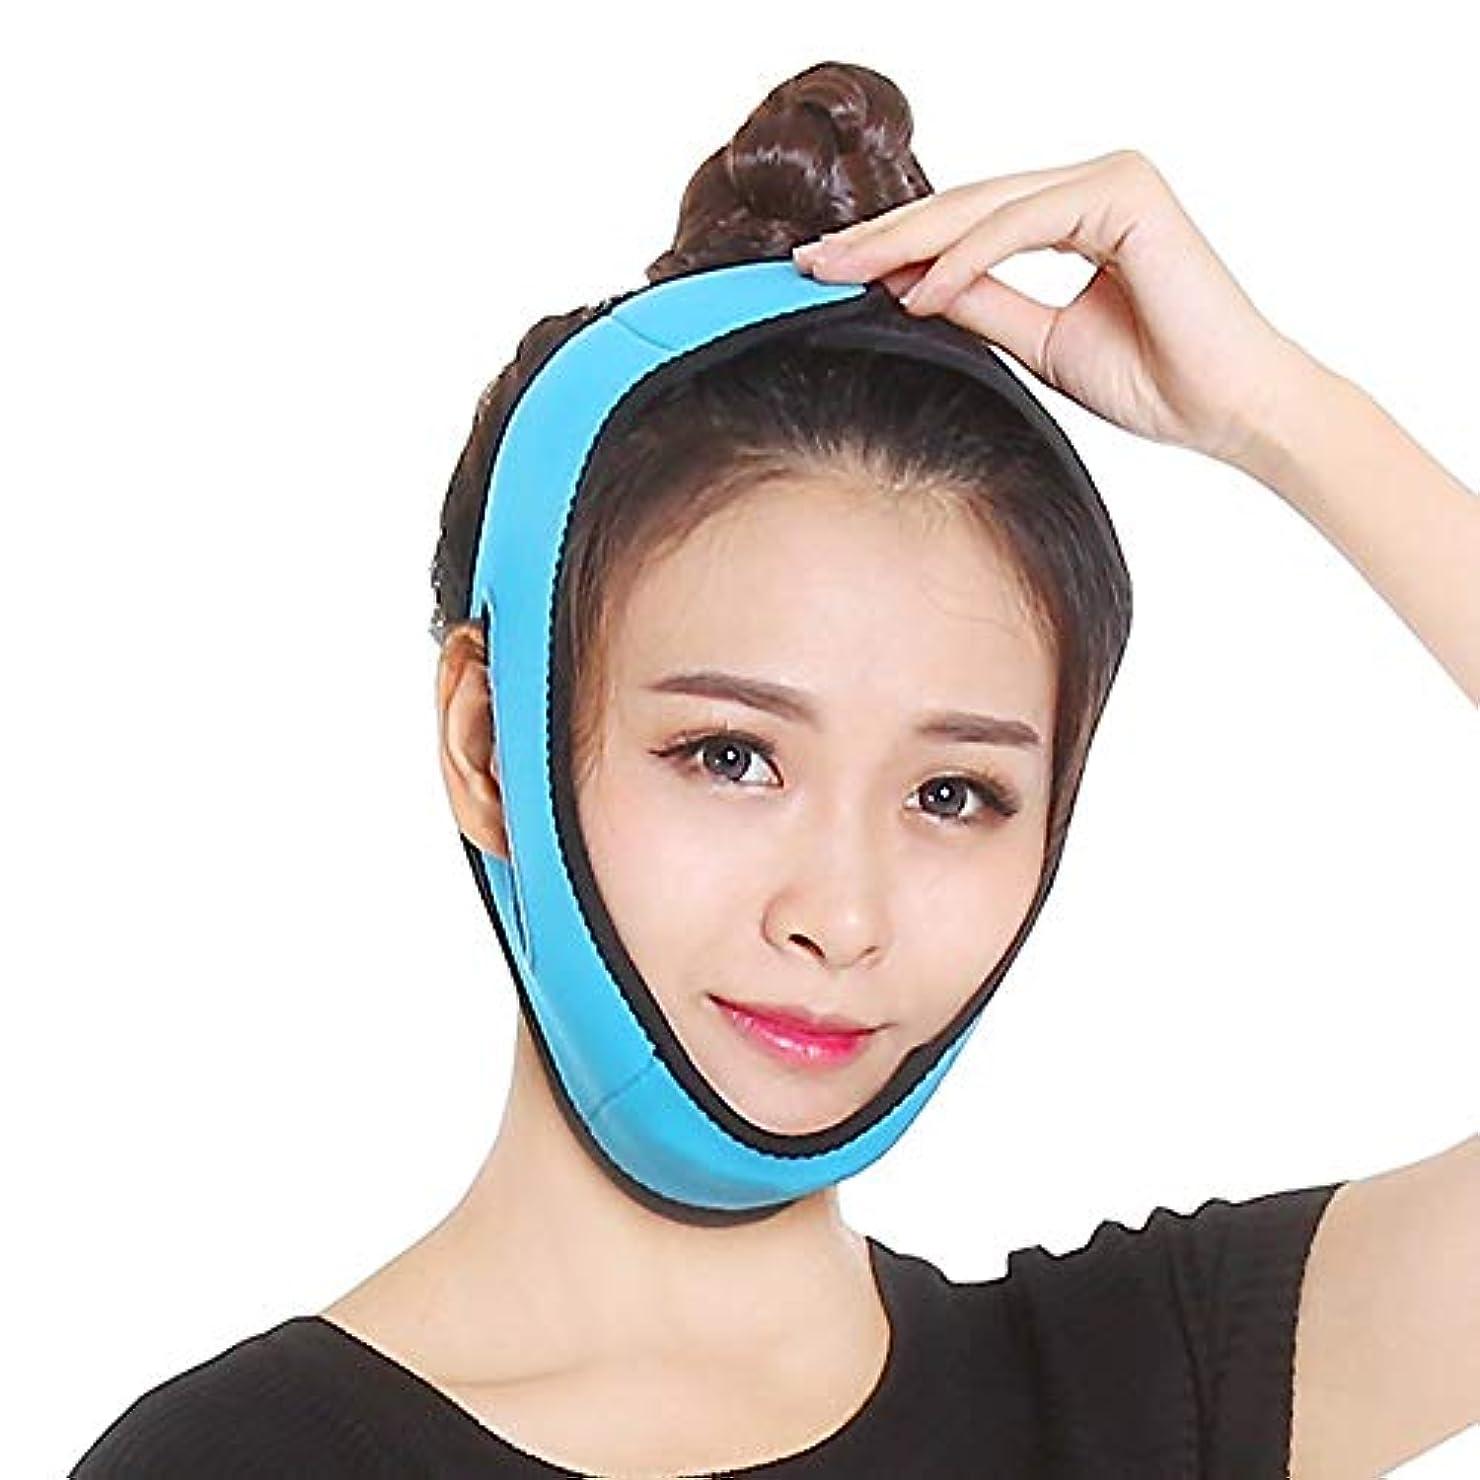 維持十一混乱薄い顔のベルト - 薄い顔のツール薄い顔のベルト通気性のラテックスのマッサージV型の顔のアーティファクトの顔の薄いマスク 美しさ